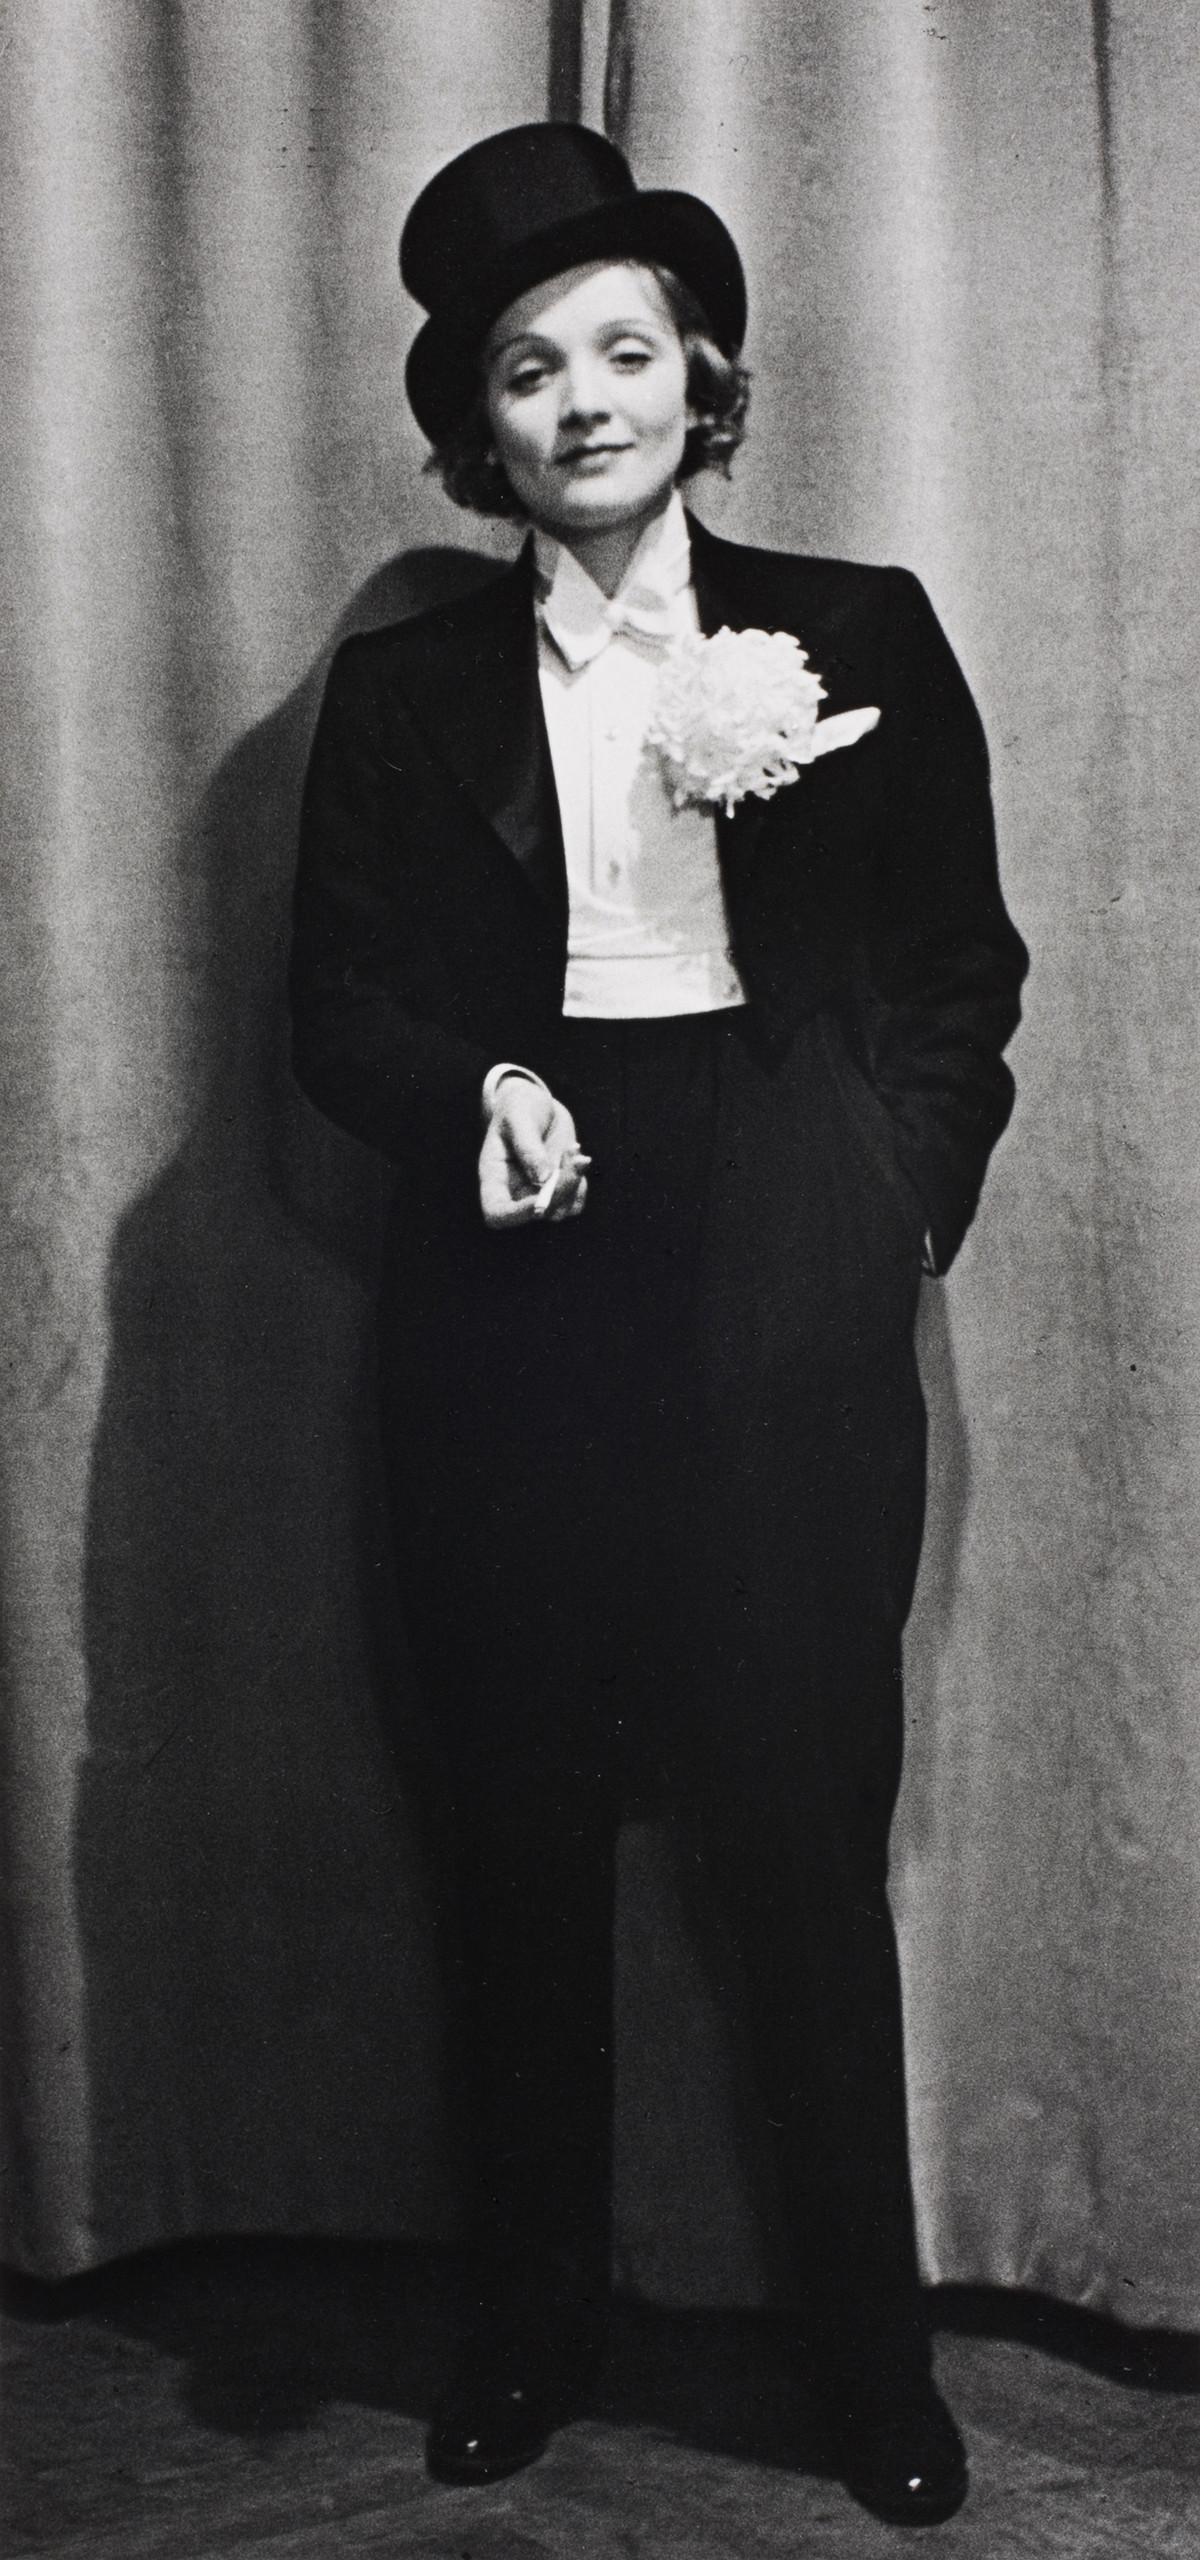 Alfred Eisenstaedt photos of  Marlene Dietrich, Berlin, 1929.